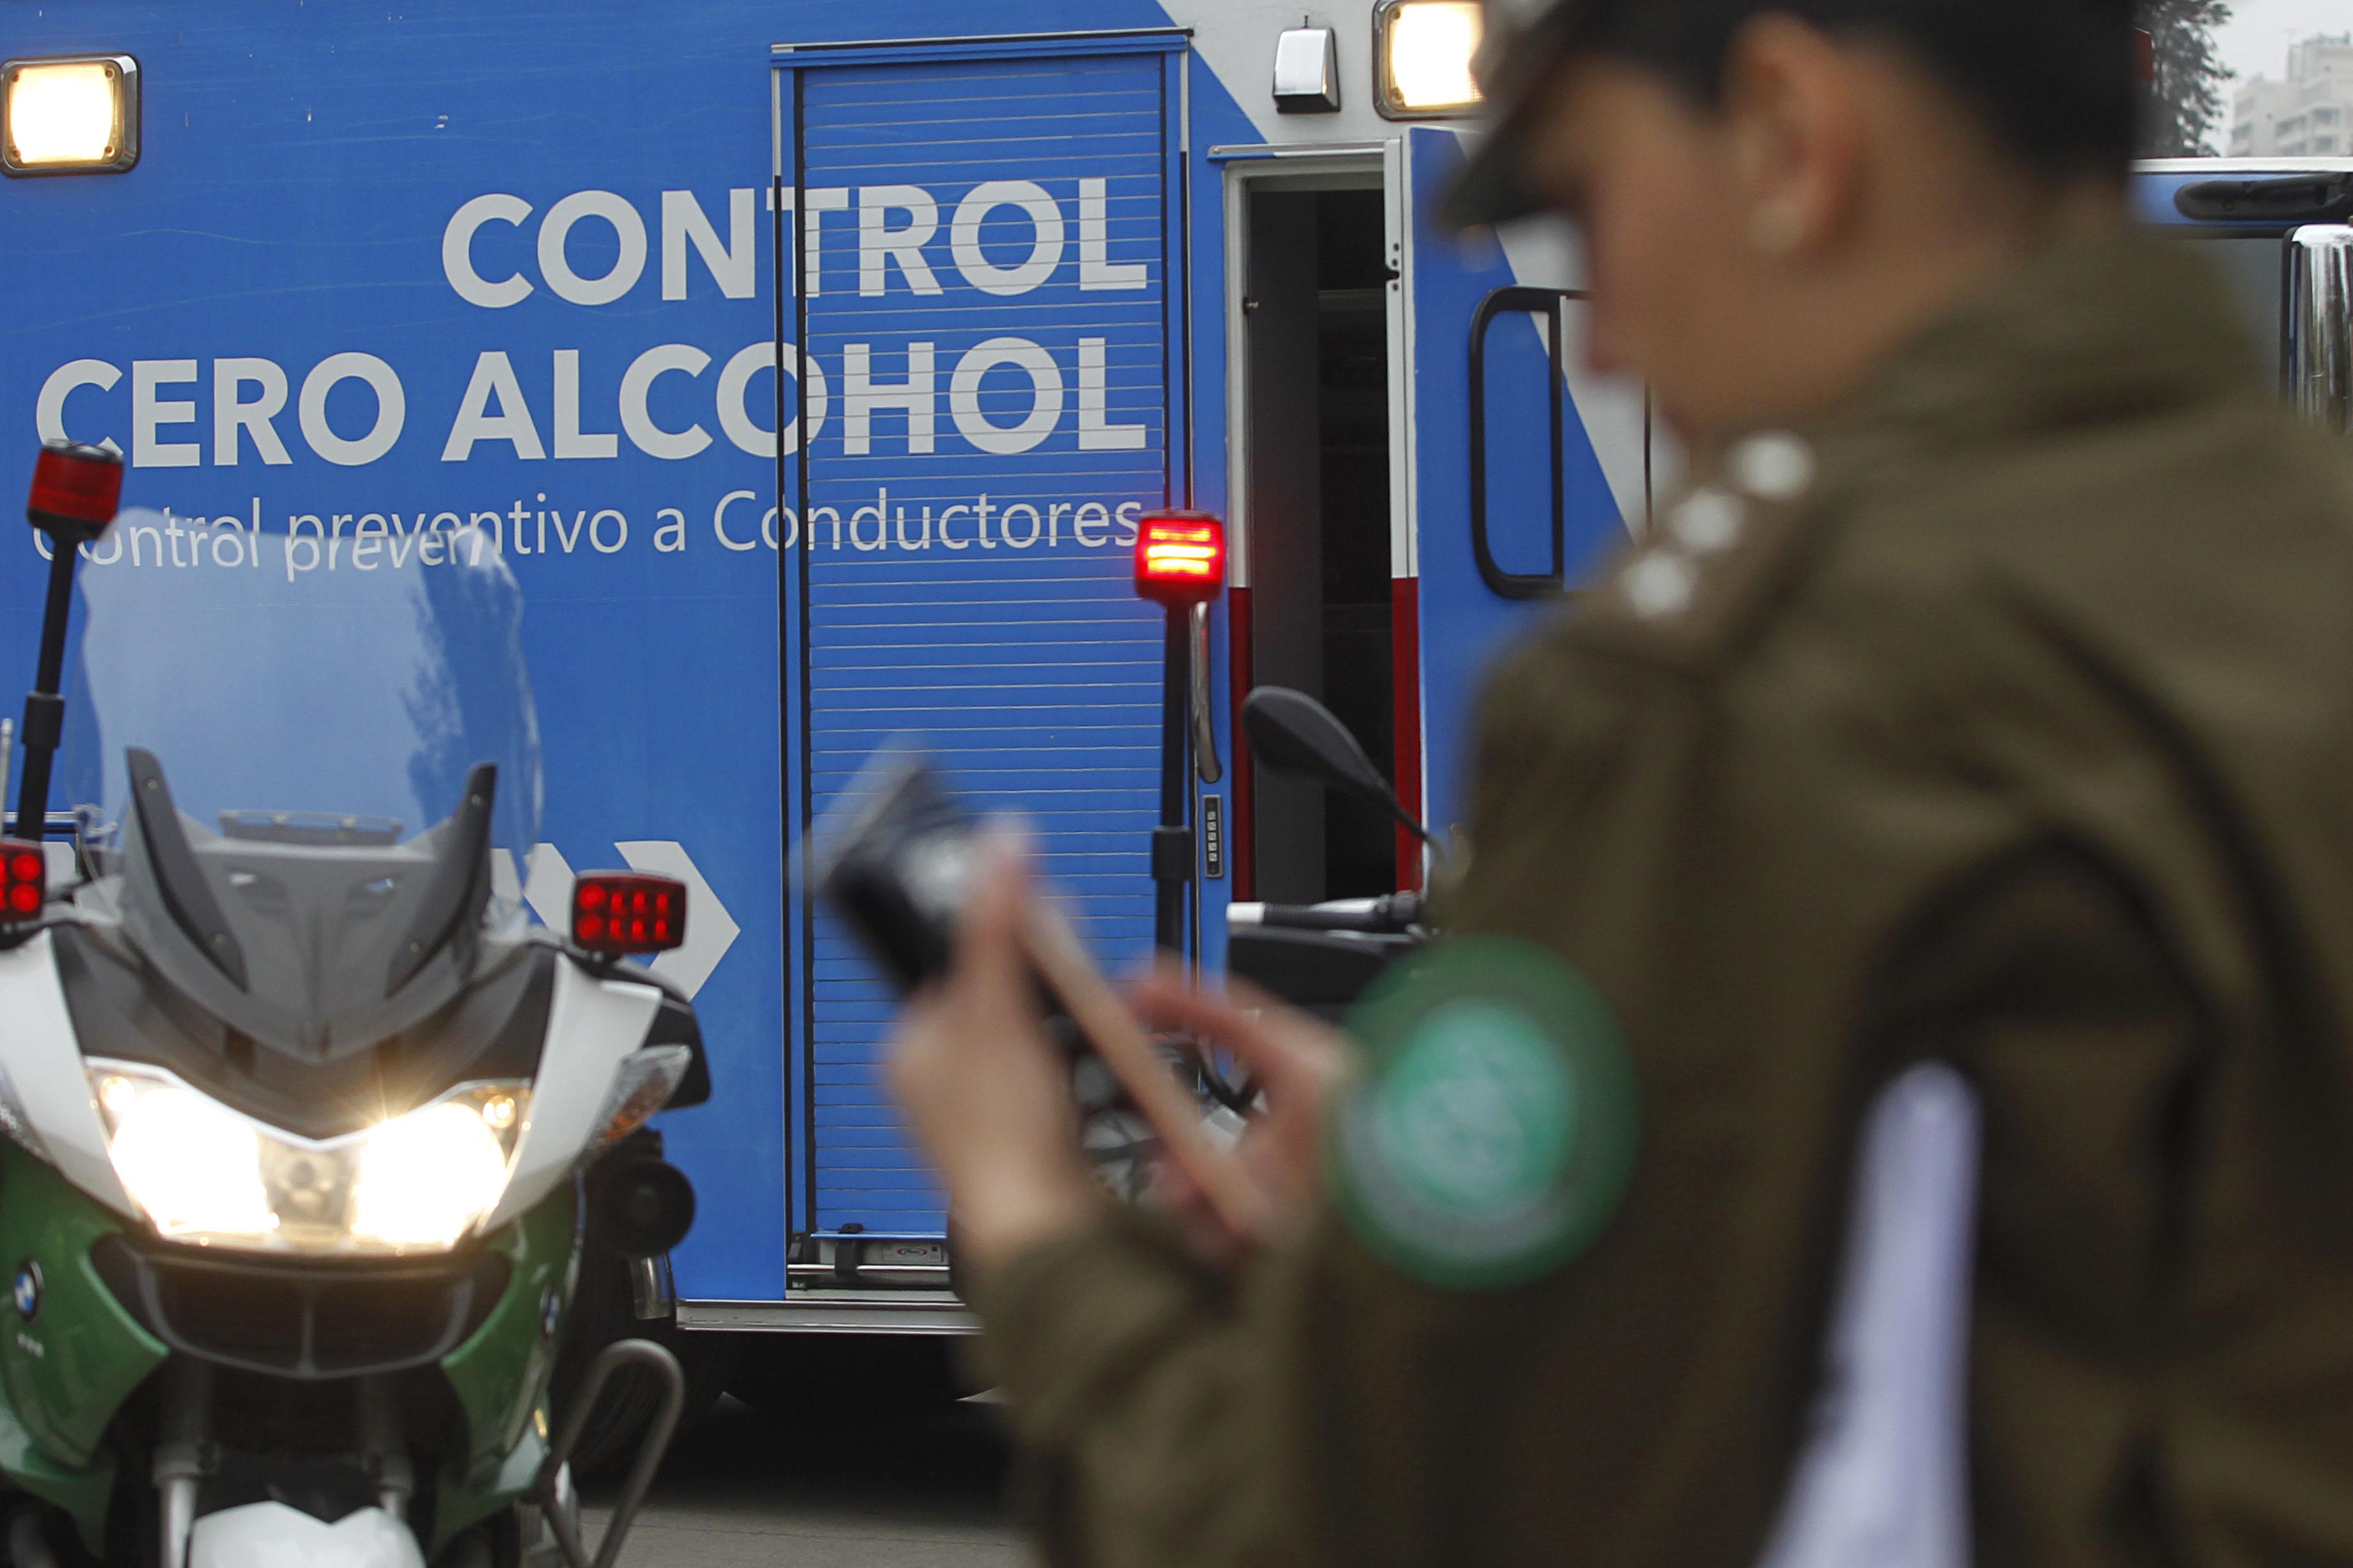 Cada día mueren 36 personas en Chile por consumo problemático de alcohol